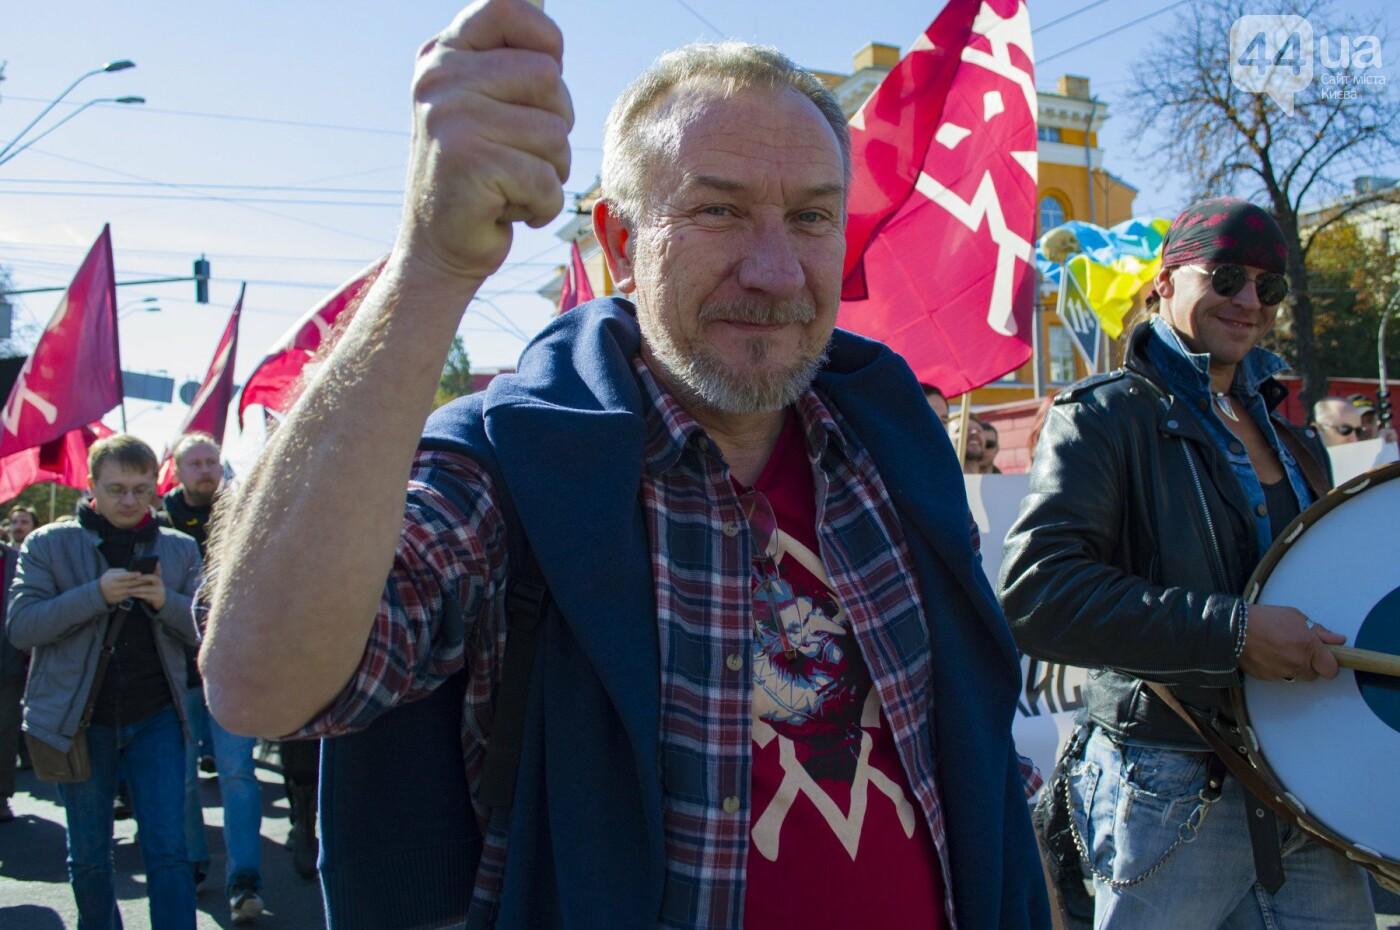 С волынкой, барабанами и черепом: как в Киеве люди митинговали за право на самооборону, фото-10